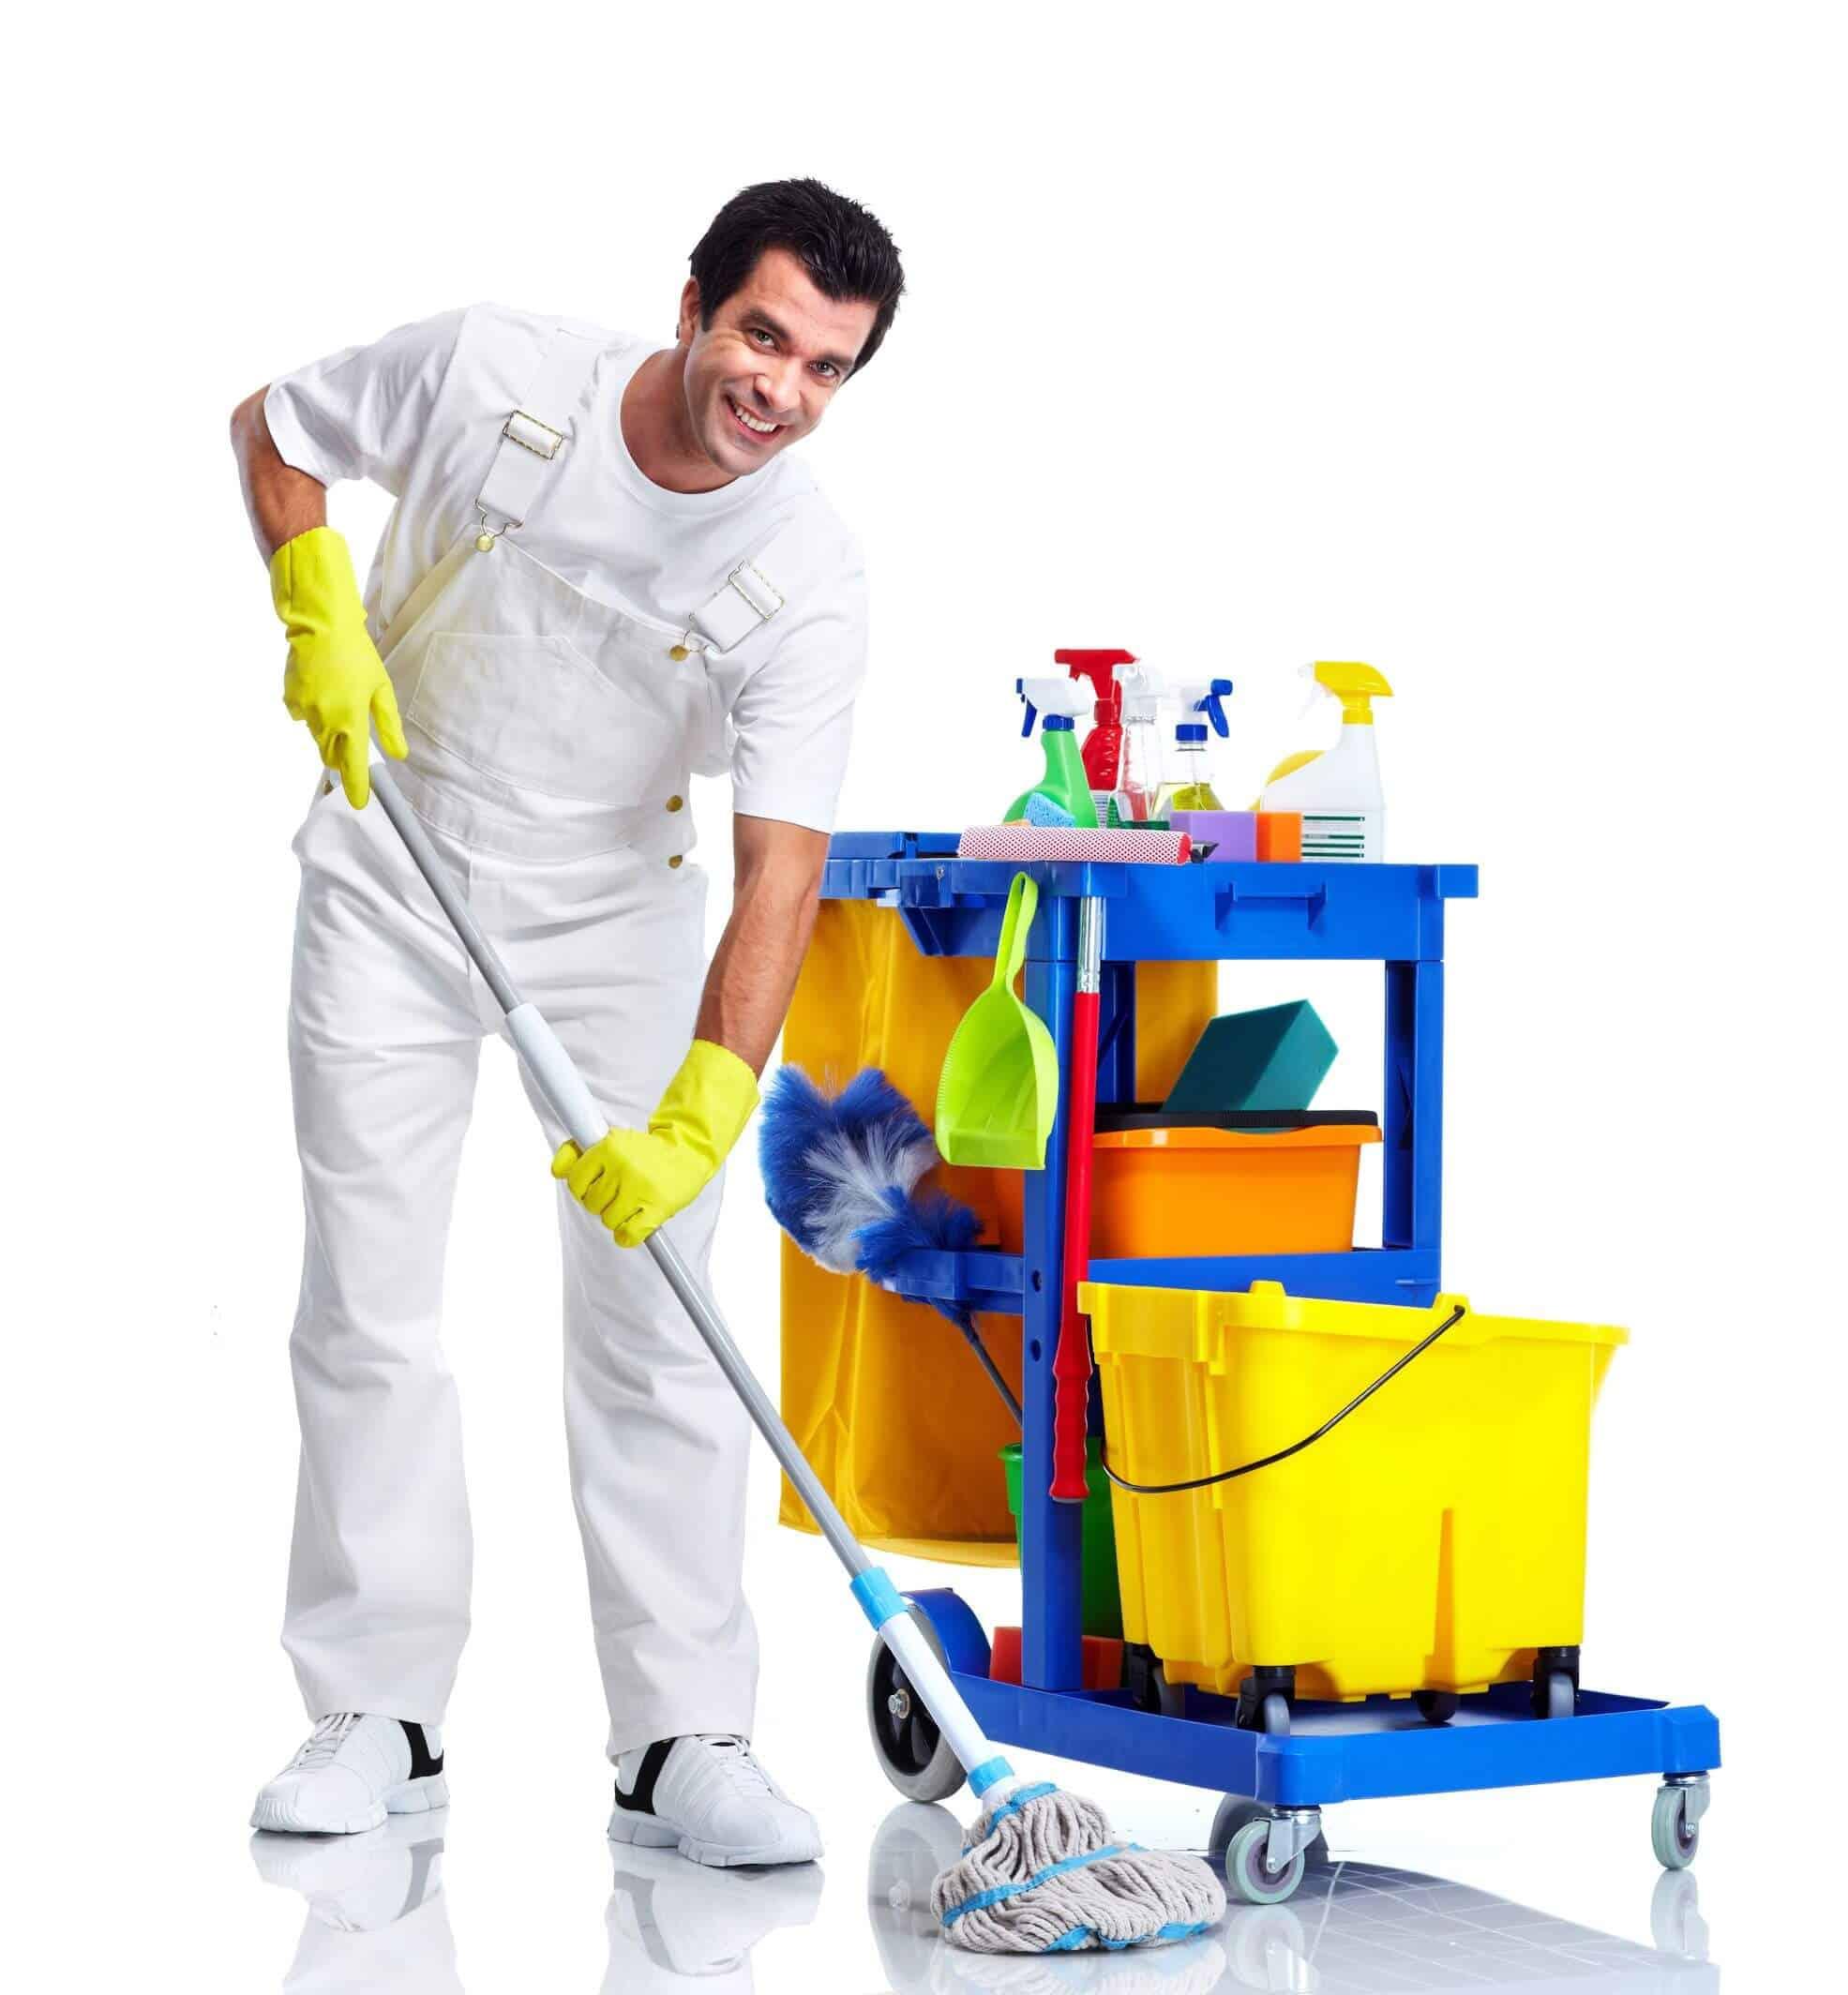 تنظيف قصور بجدهمع افضل شركة نظافة